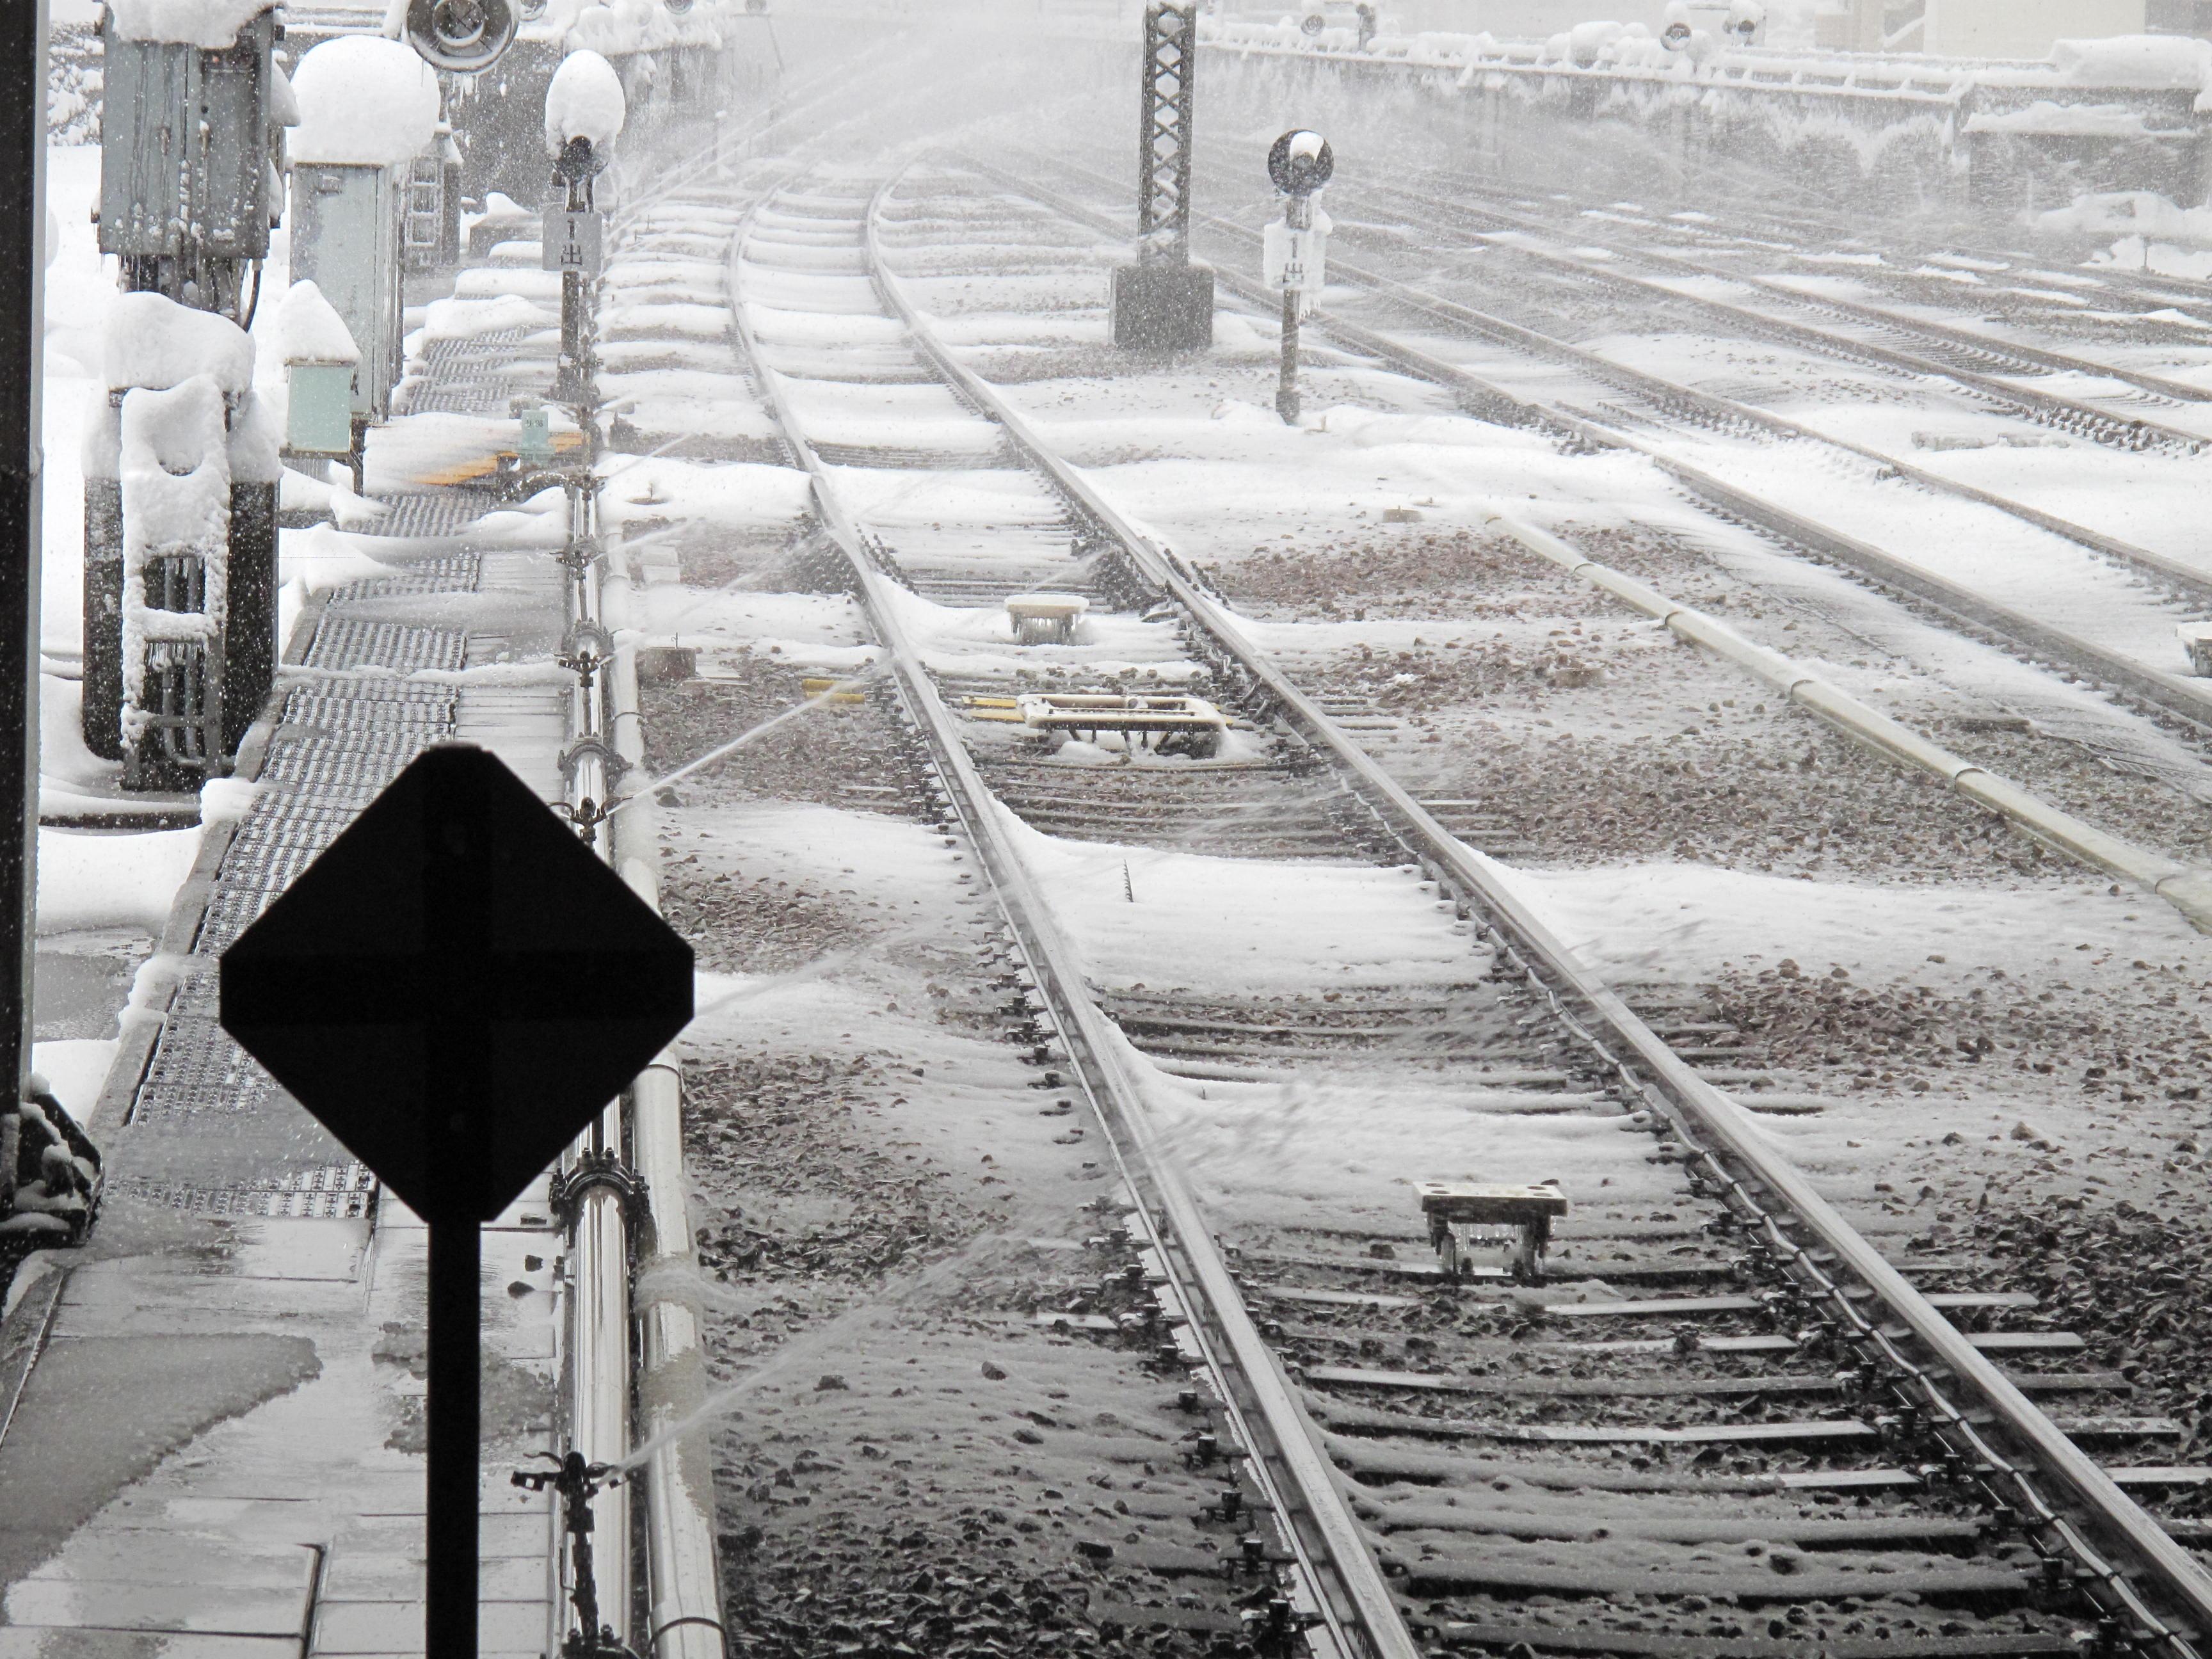 スプリンクラーによる線路融雪_2